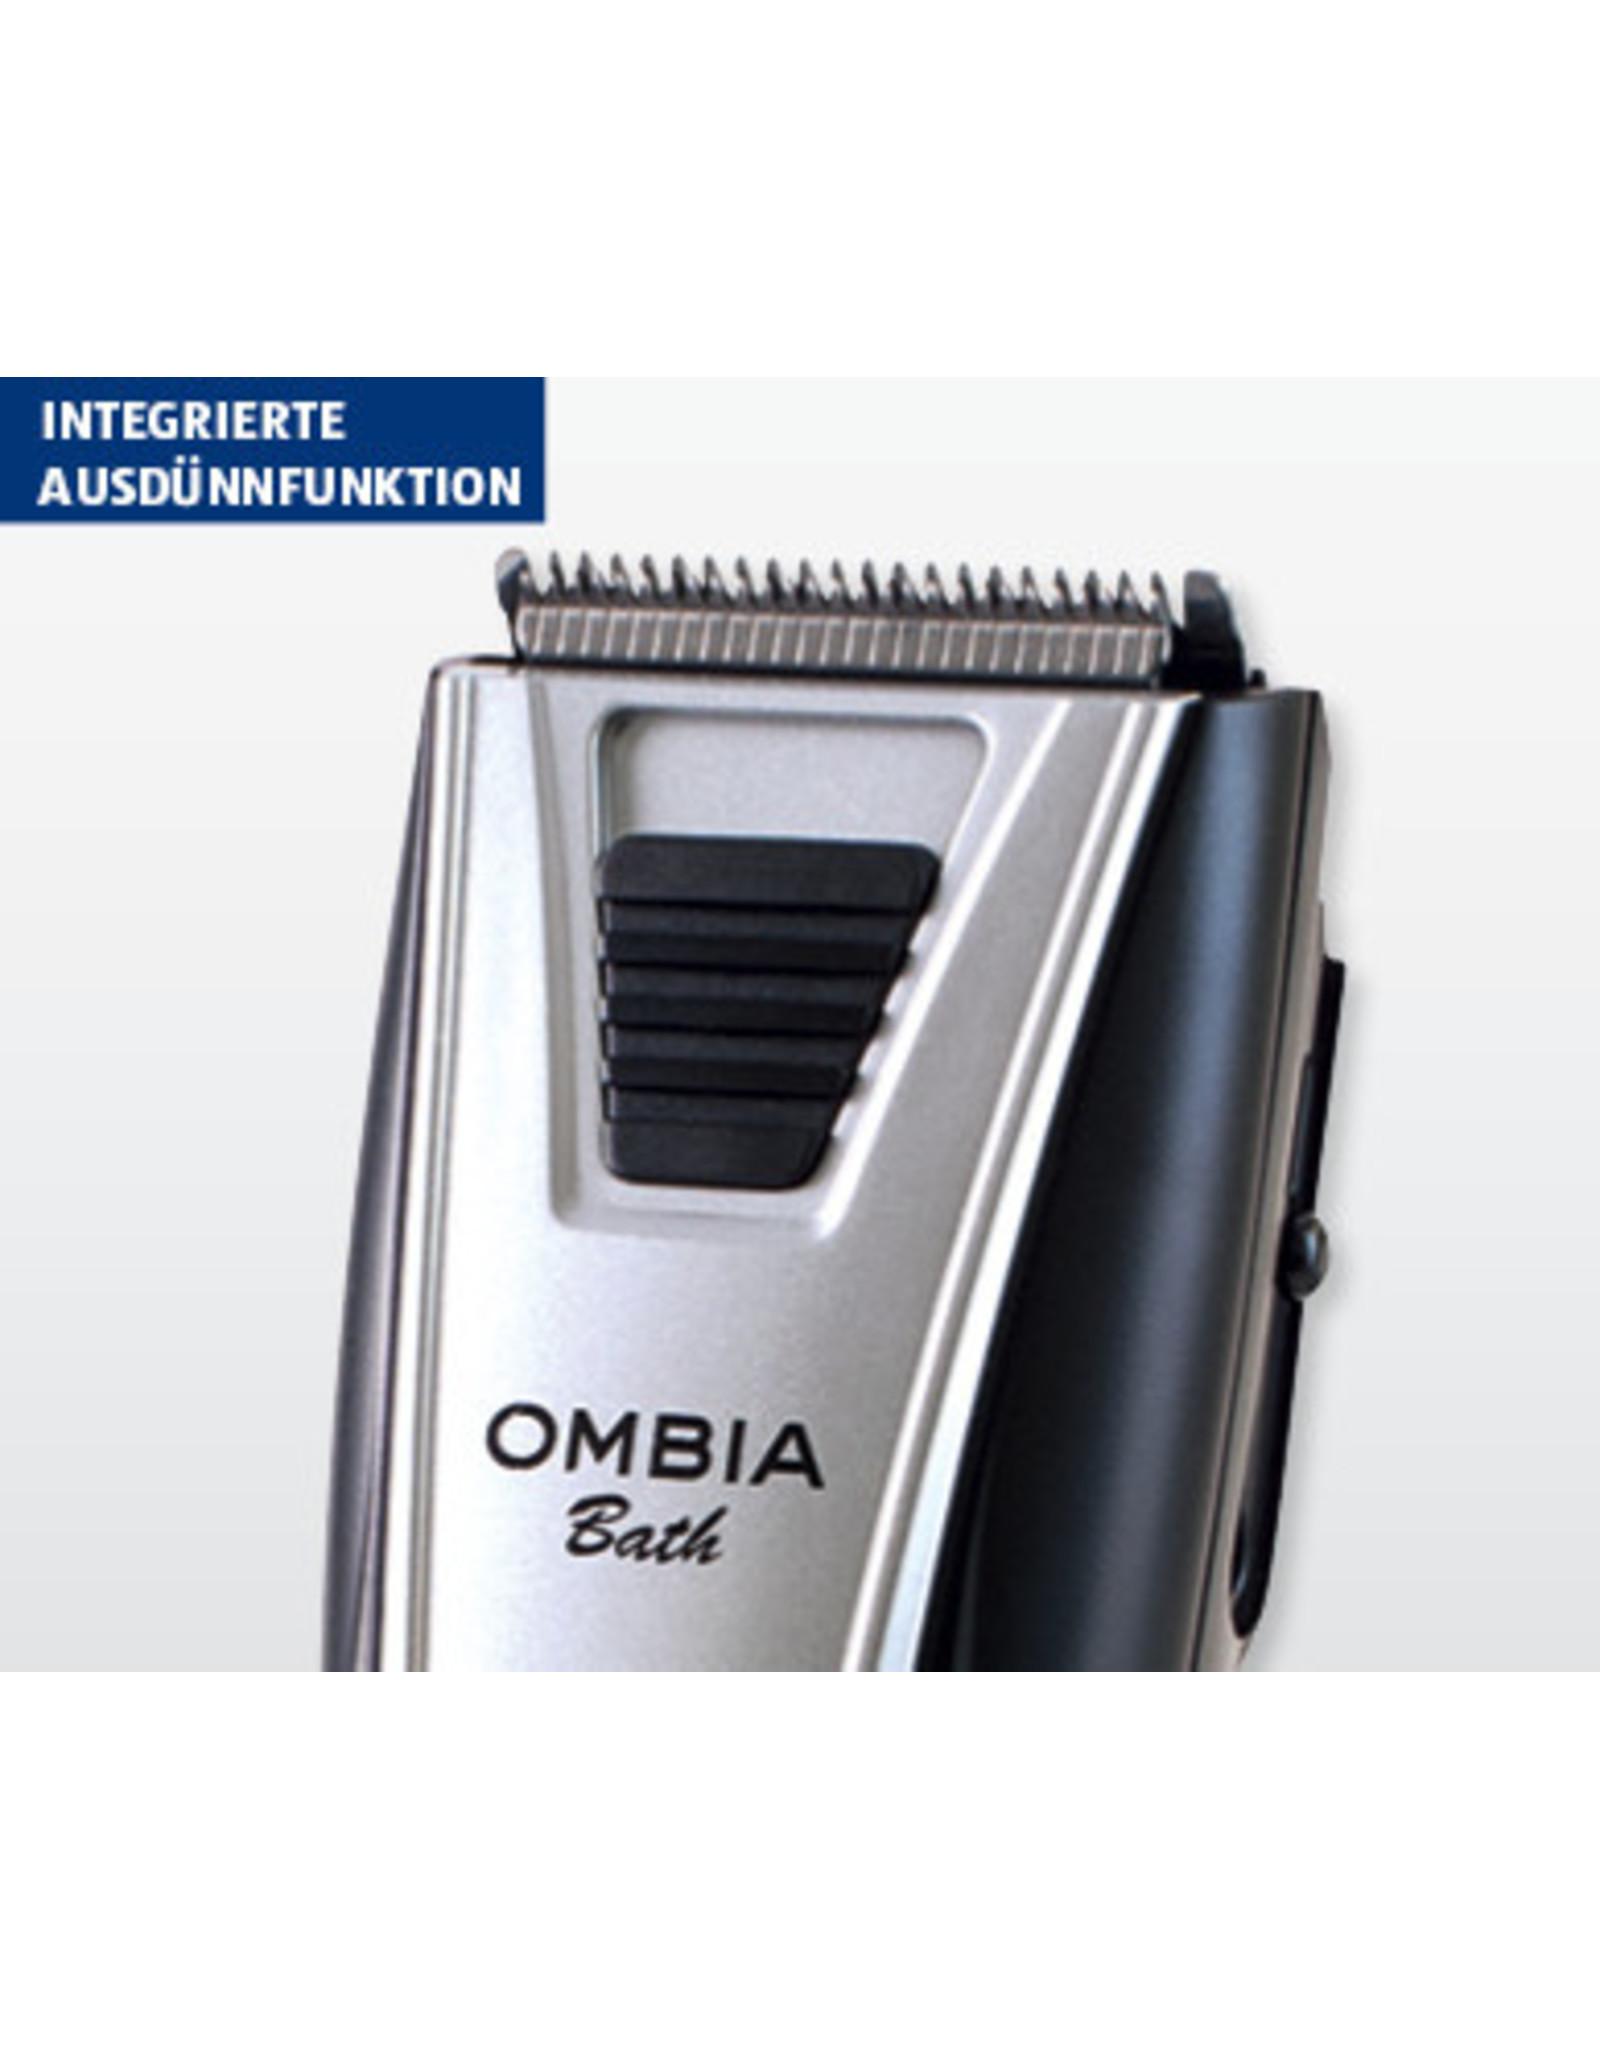 Ombia haar en baat trimmer